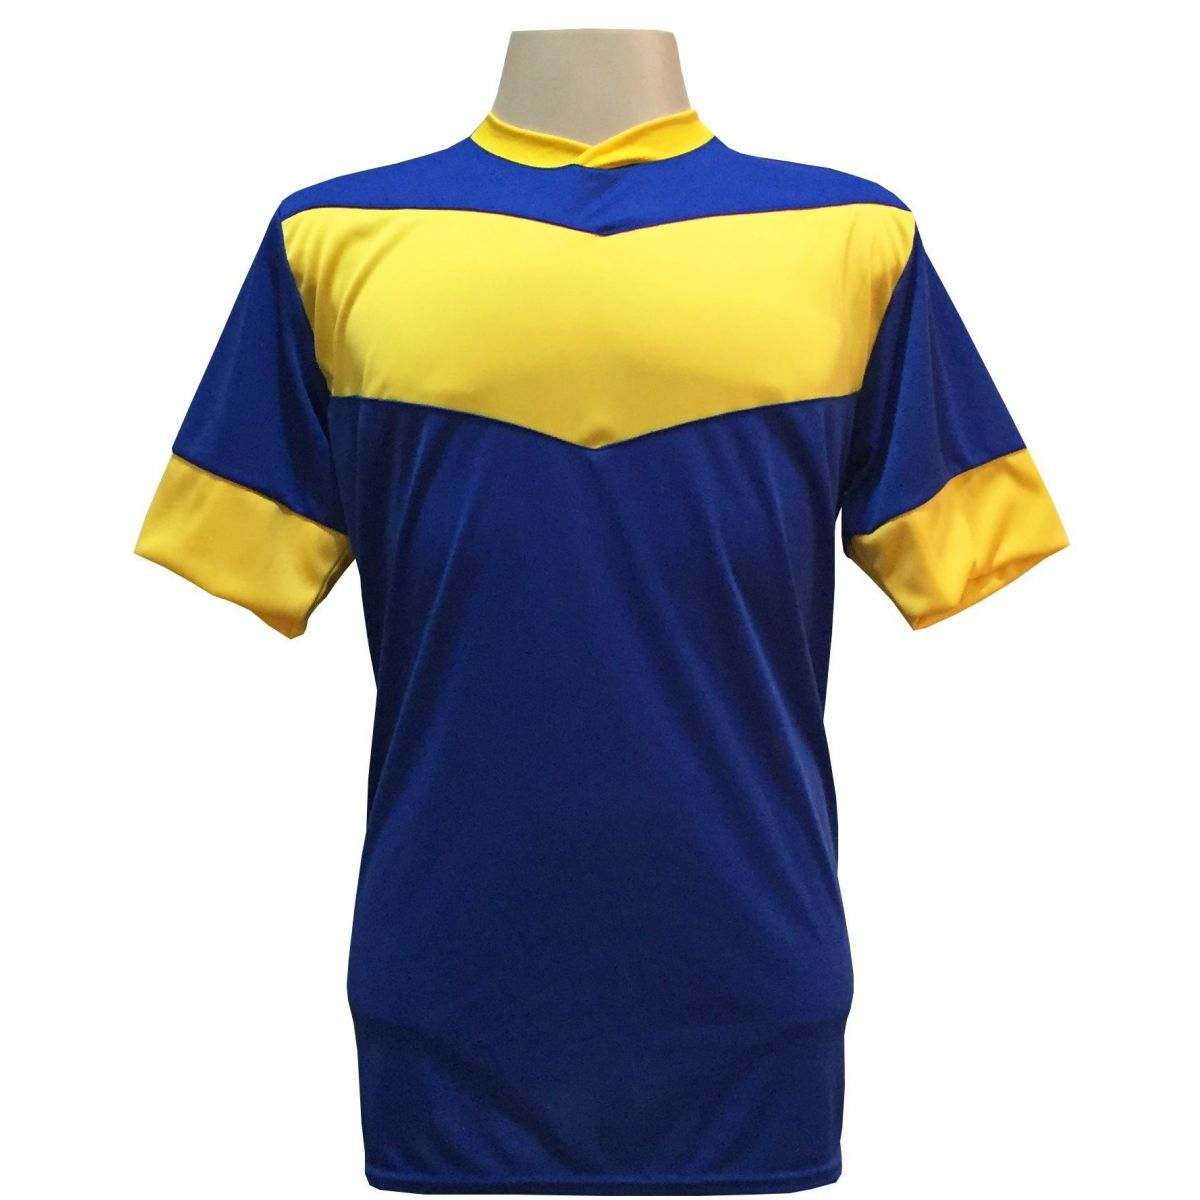 Fardamento Completo Modelo Columbus 18+1 (18 Camisas Royal/Amarelo + 18 Calções Madrid Royal + 18 Pares de Meiões Royal + 1 Conjunto de Goleiro) + Brindes